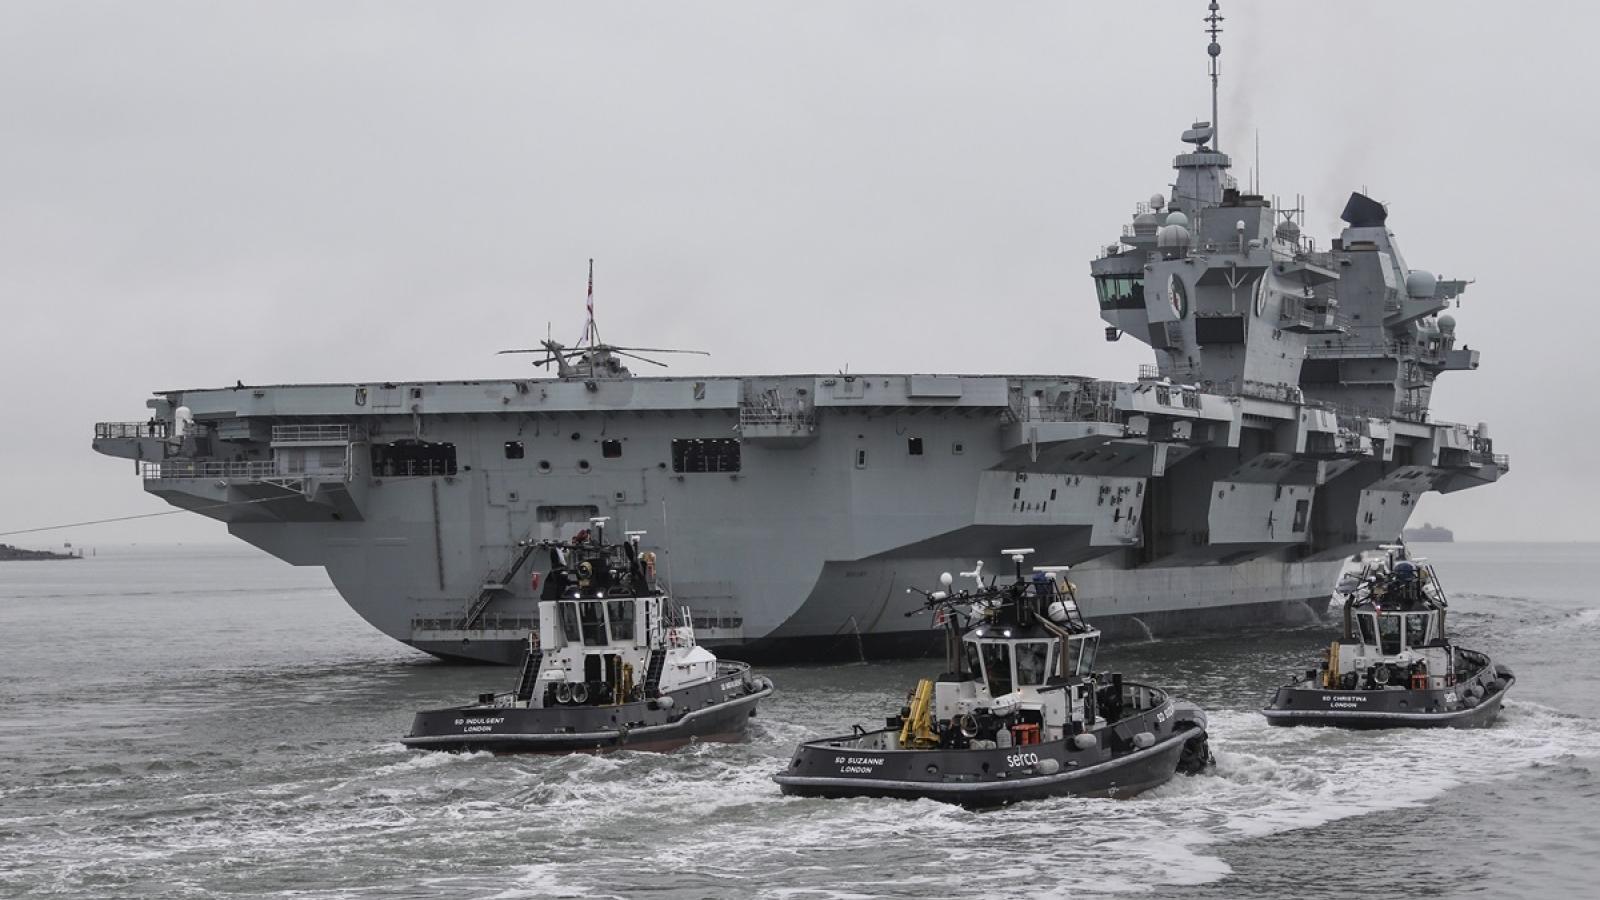 Anh sẽ đưa nhóm tàu chiến, tàu sân bay tới khu vực Ấn Độ Dương-Thái Bình Dương